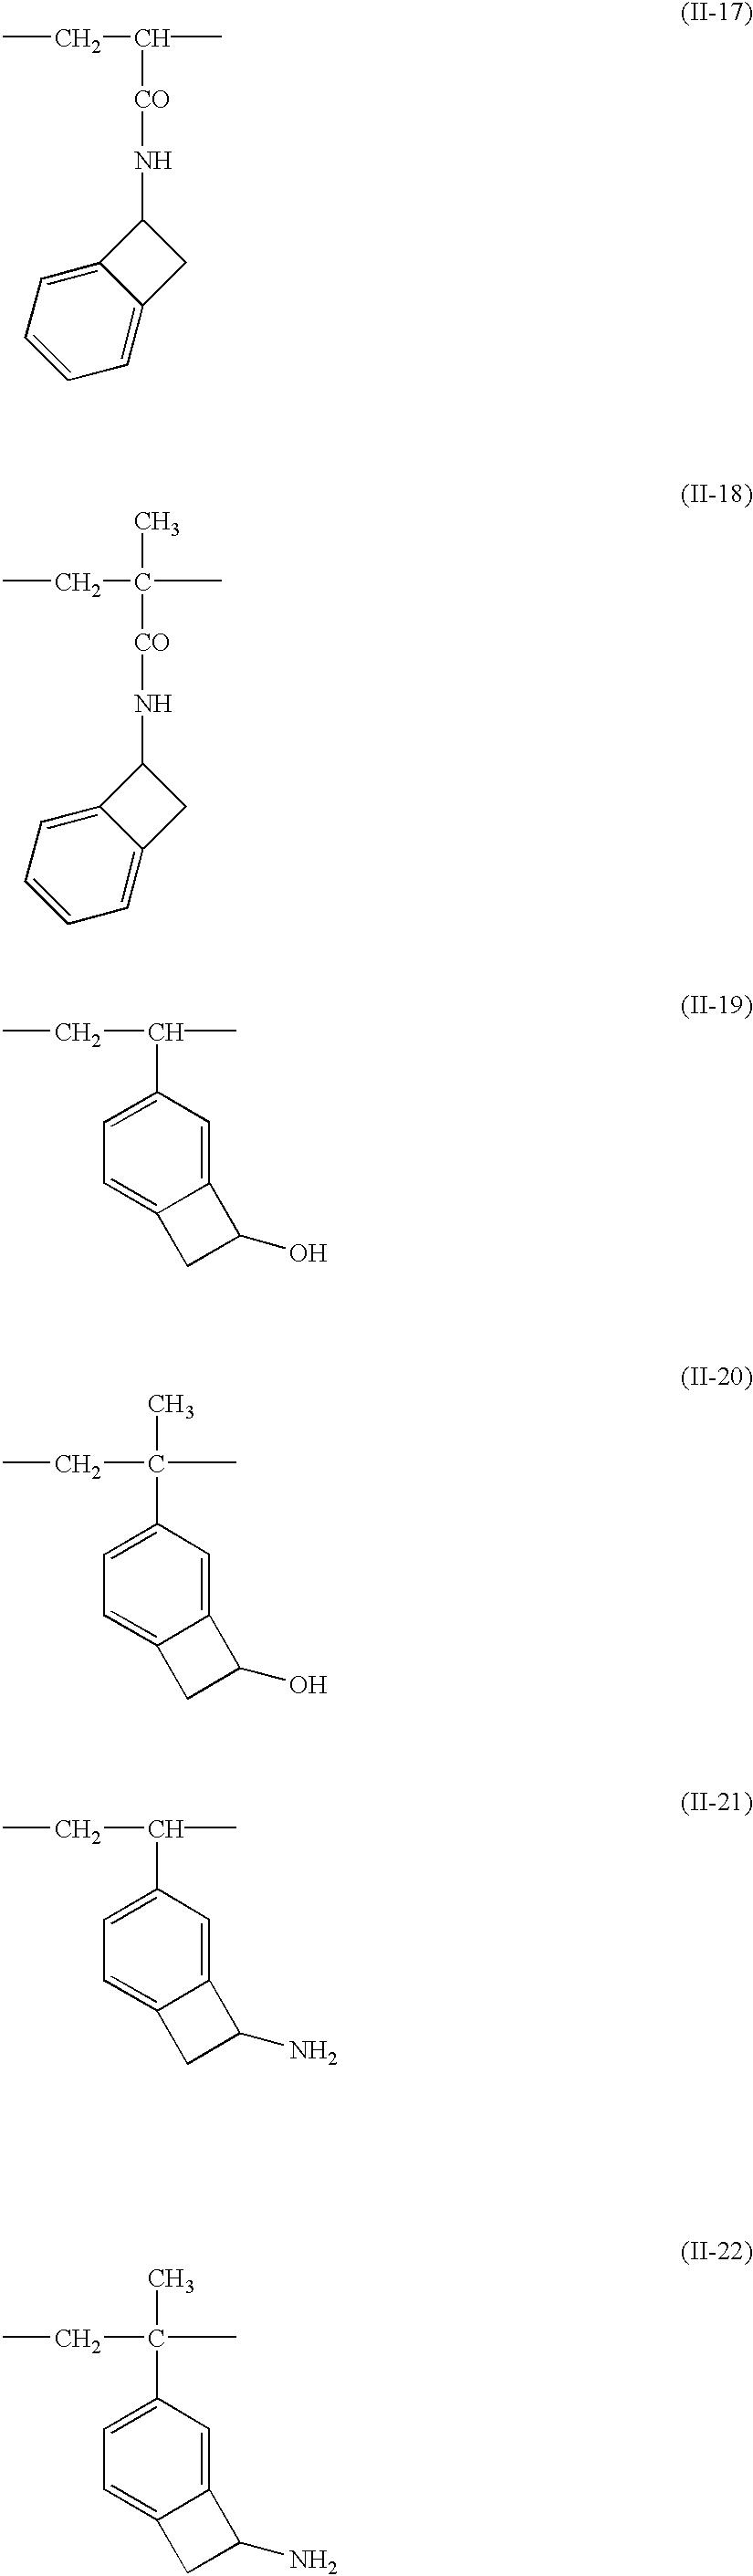 Figure US20030165778A1-20030904-C00026